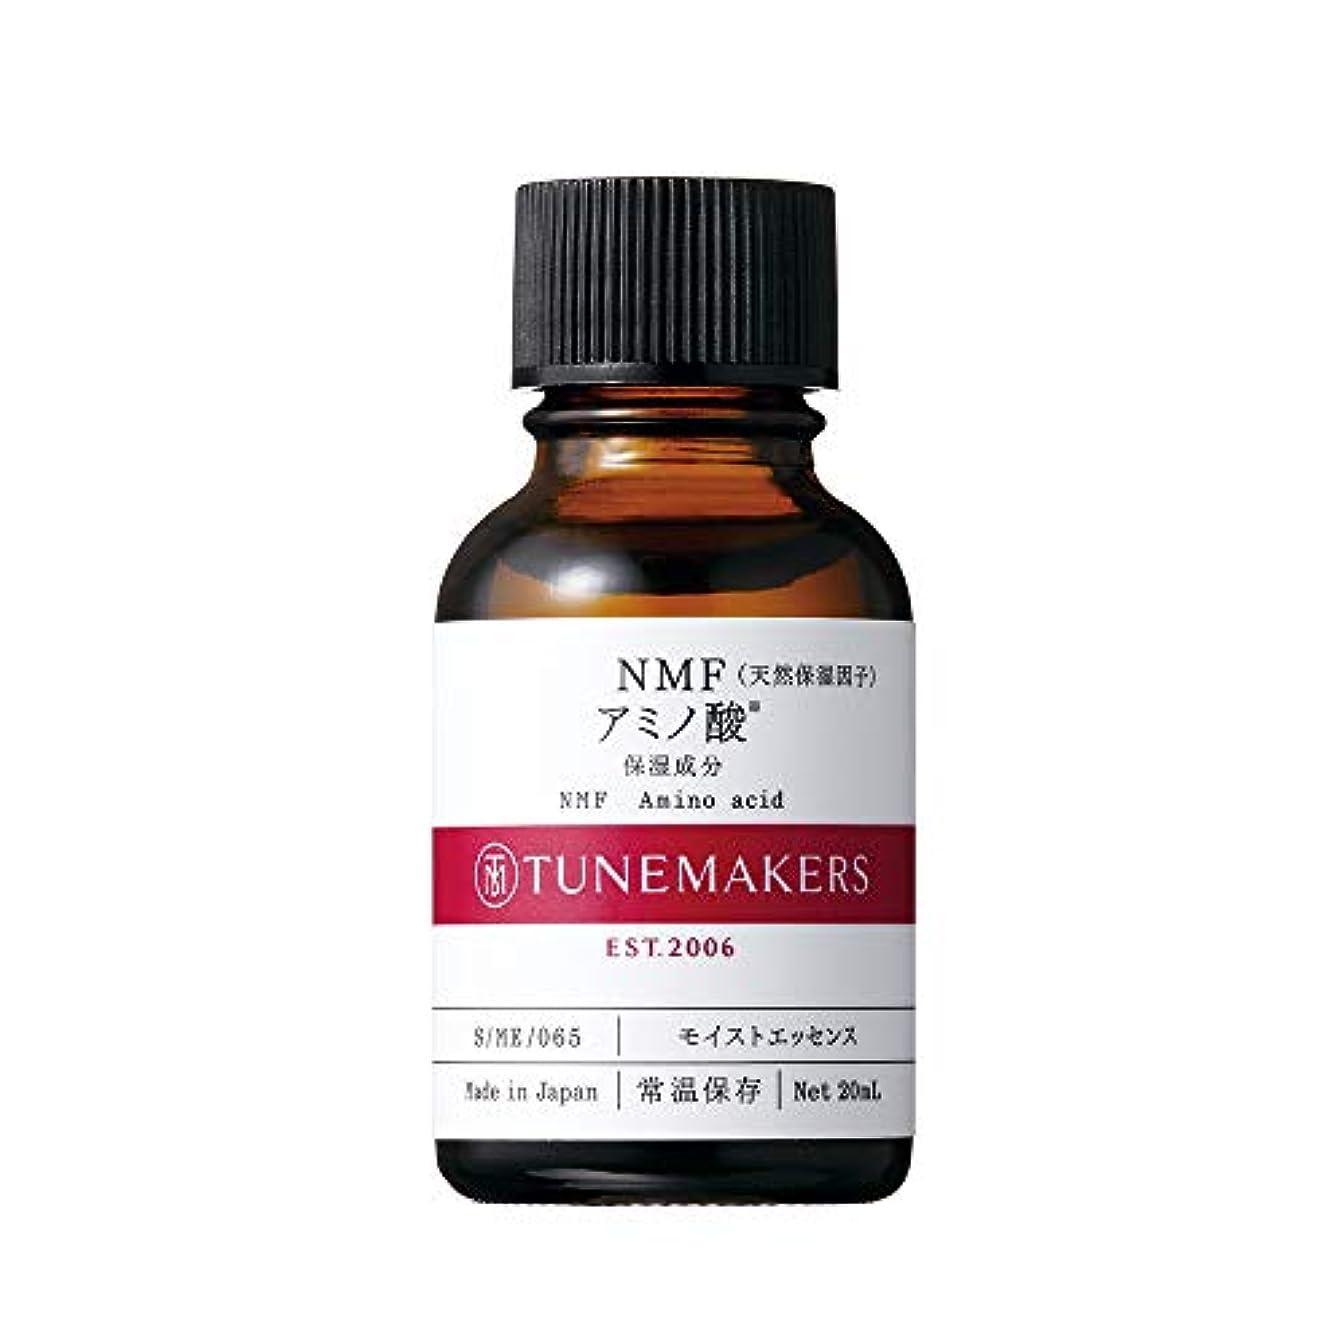 誰でも破裂承認するチューンメーカーズ NMF(天然保湿因子)アミノ酸 20ml 原液美容液